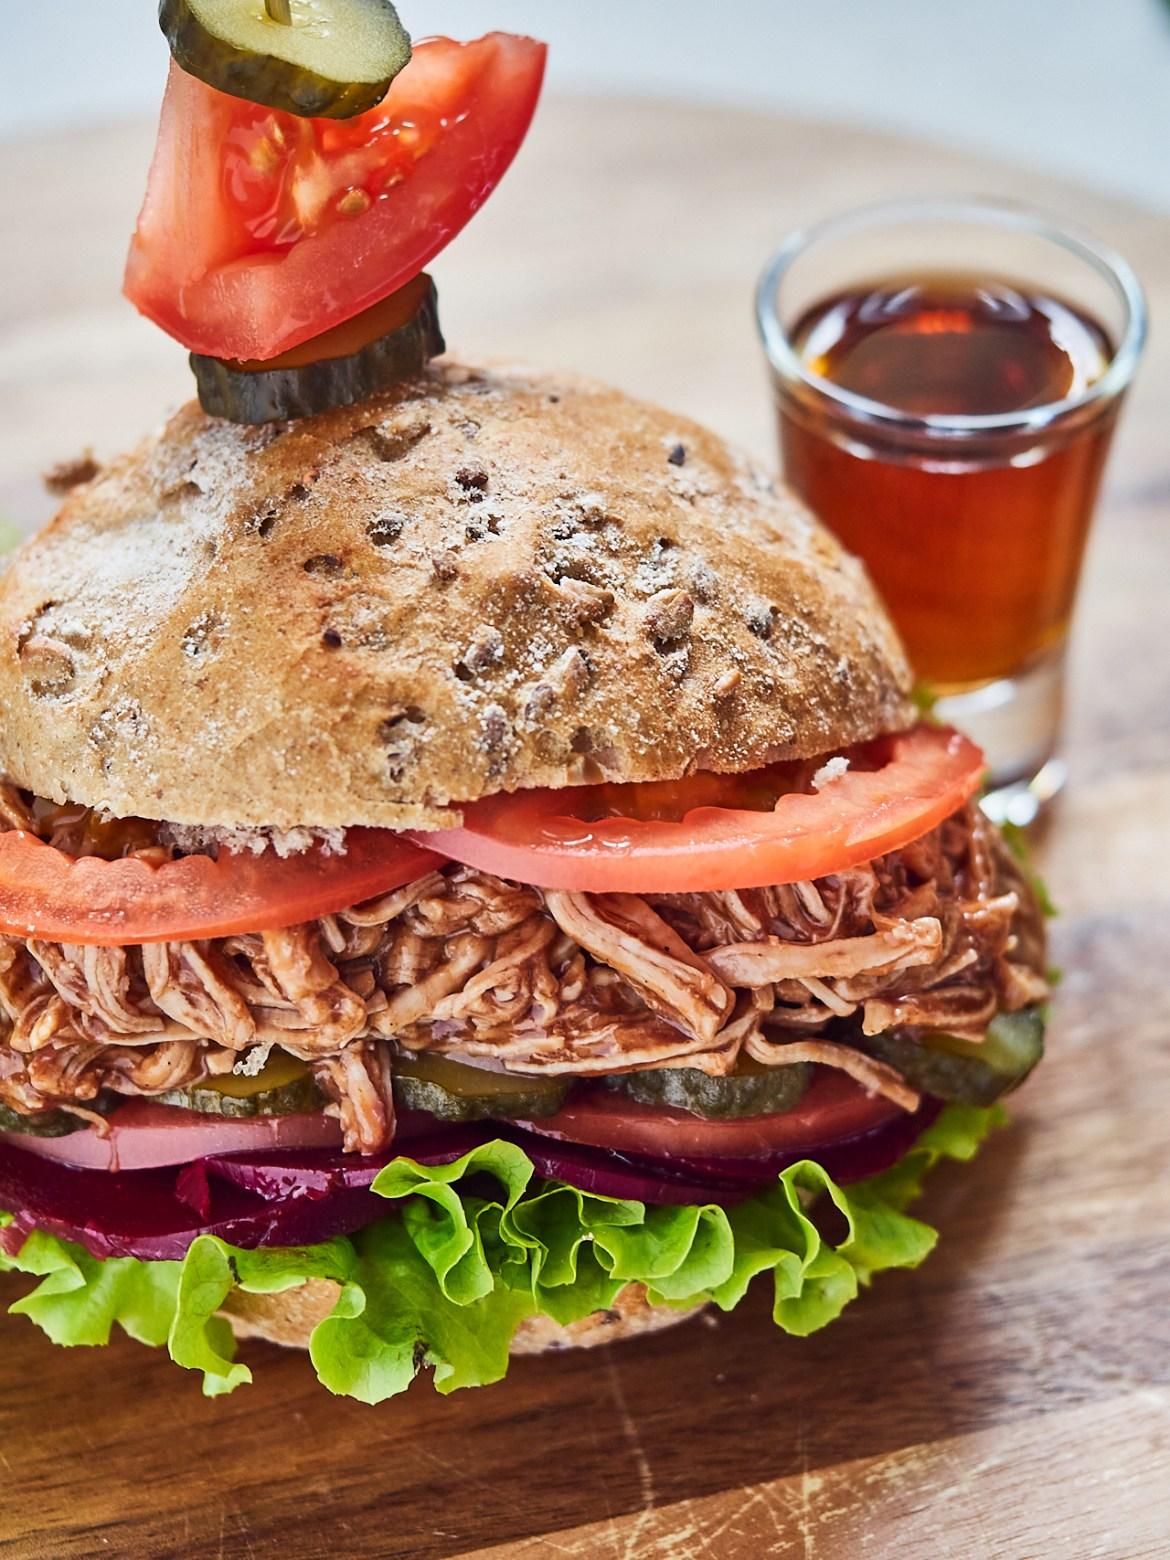 jack daniel's pulled pork burger